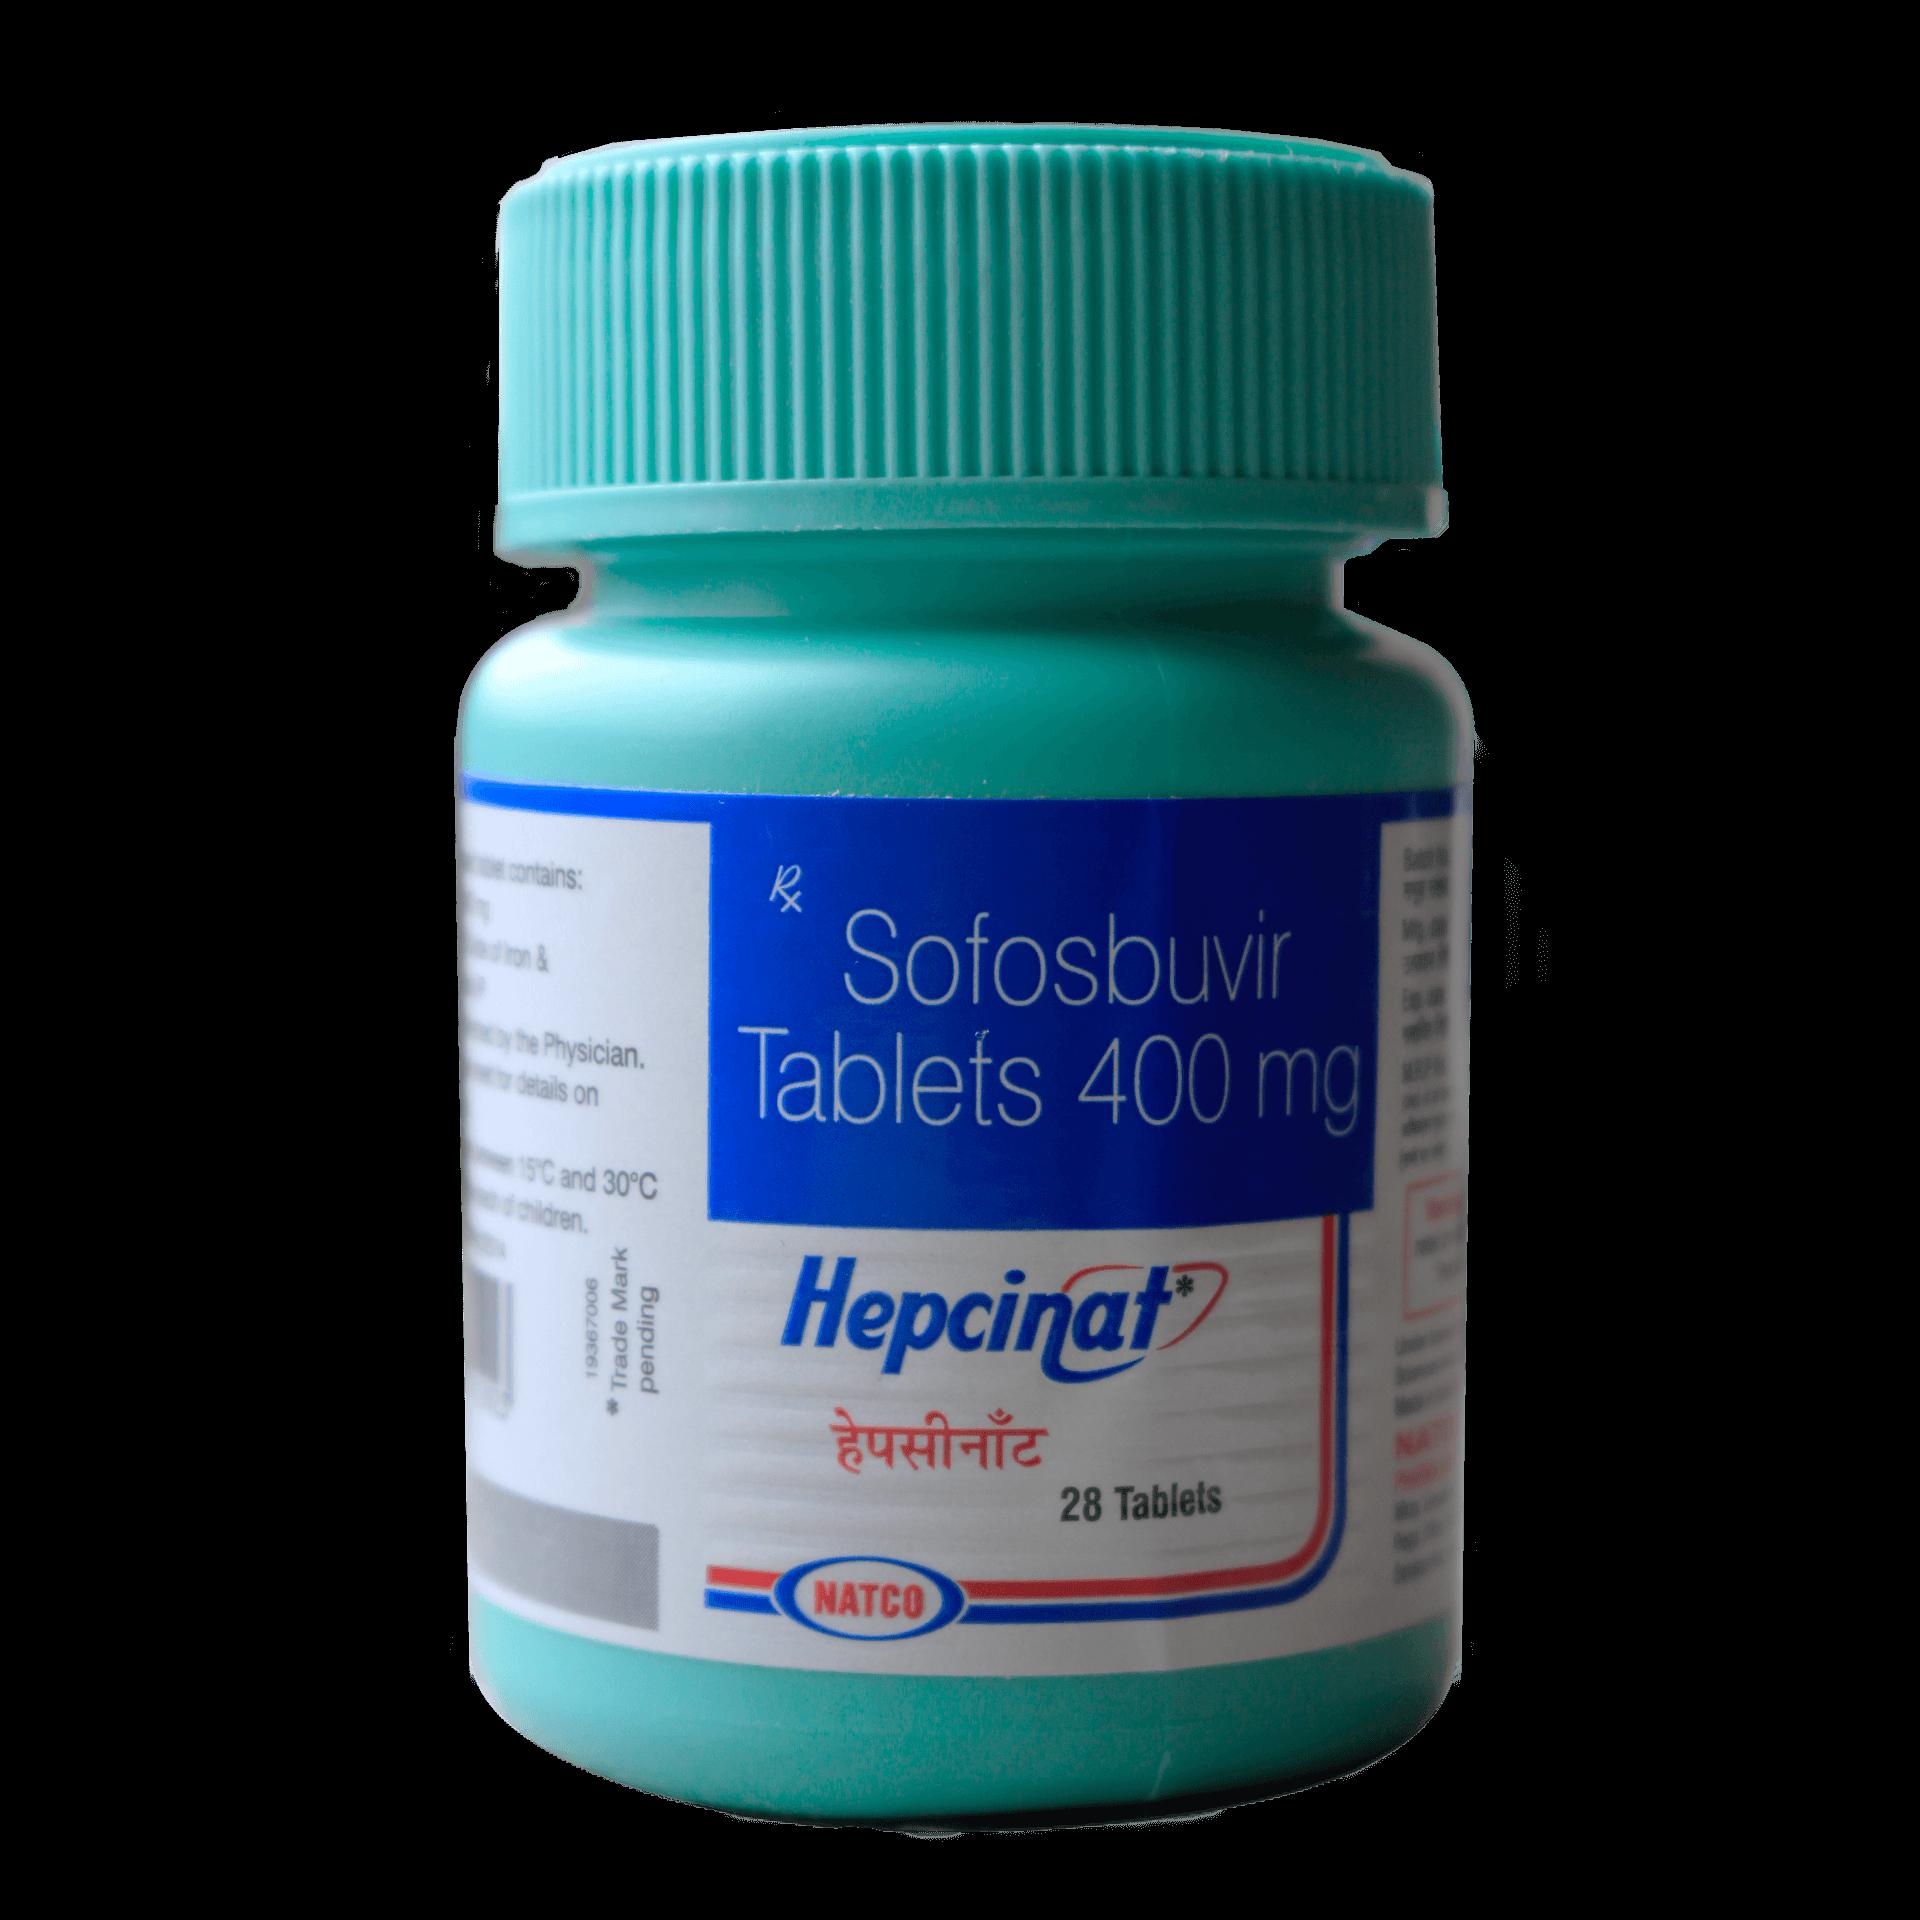 препарат Hepcinat